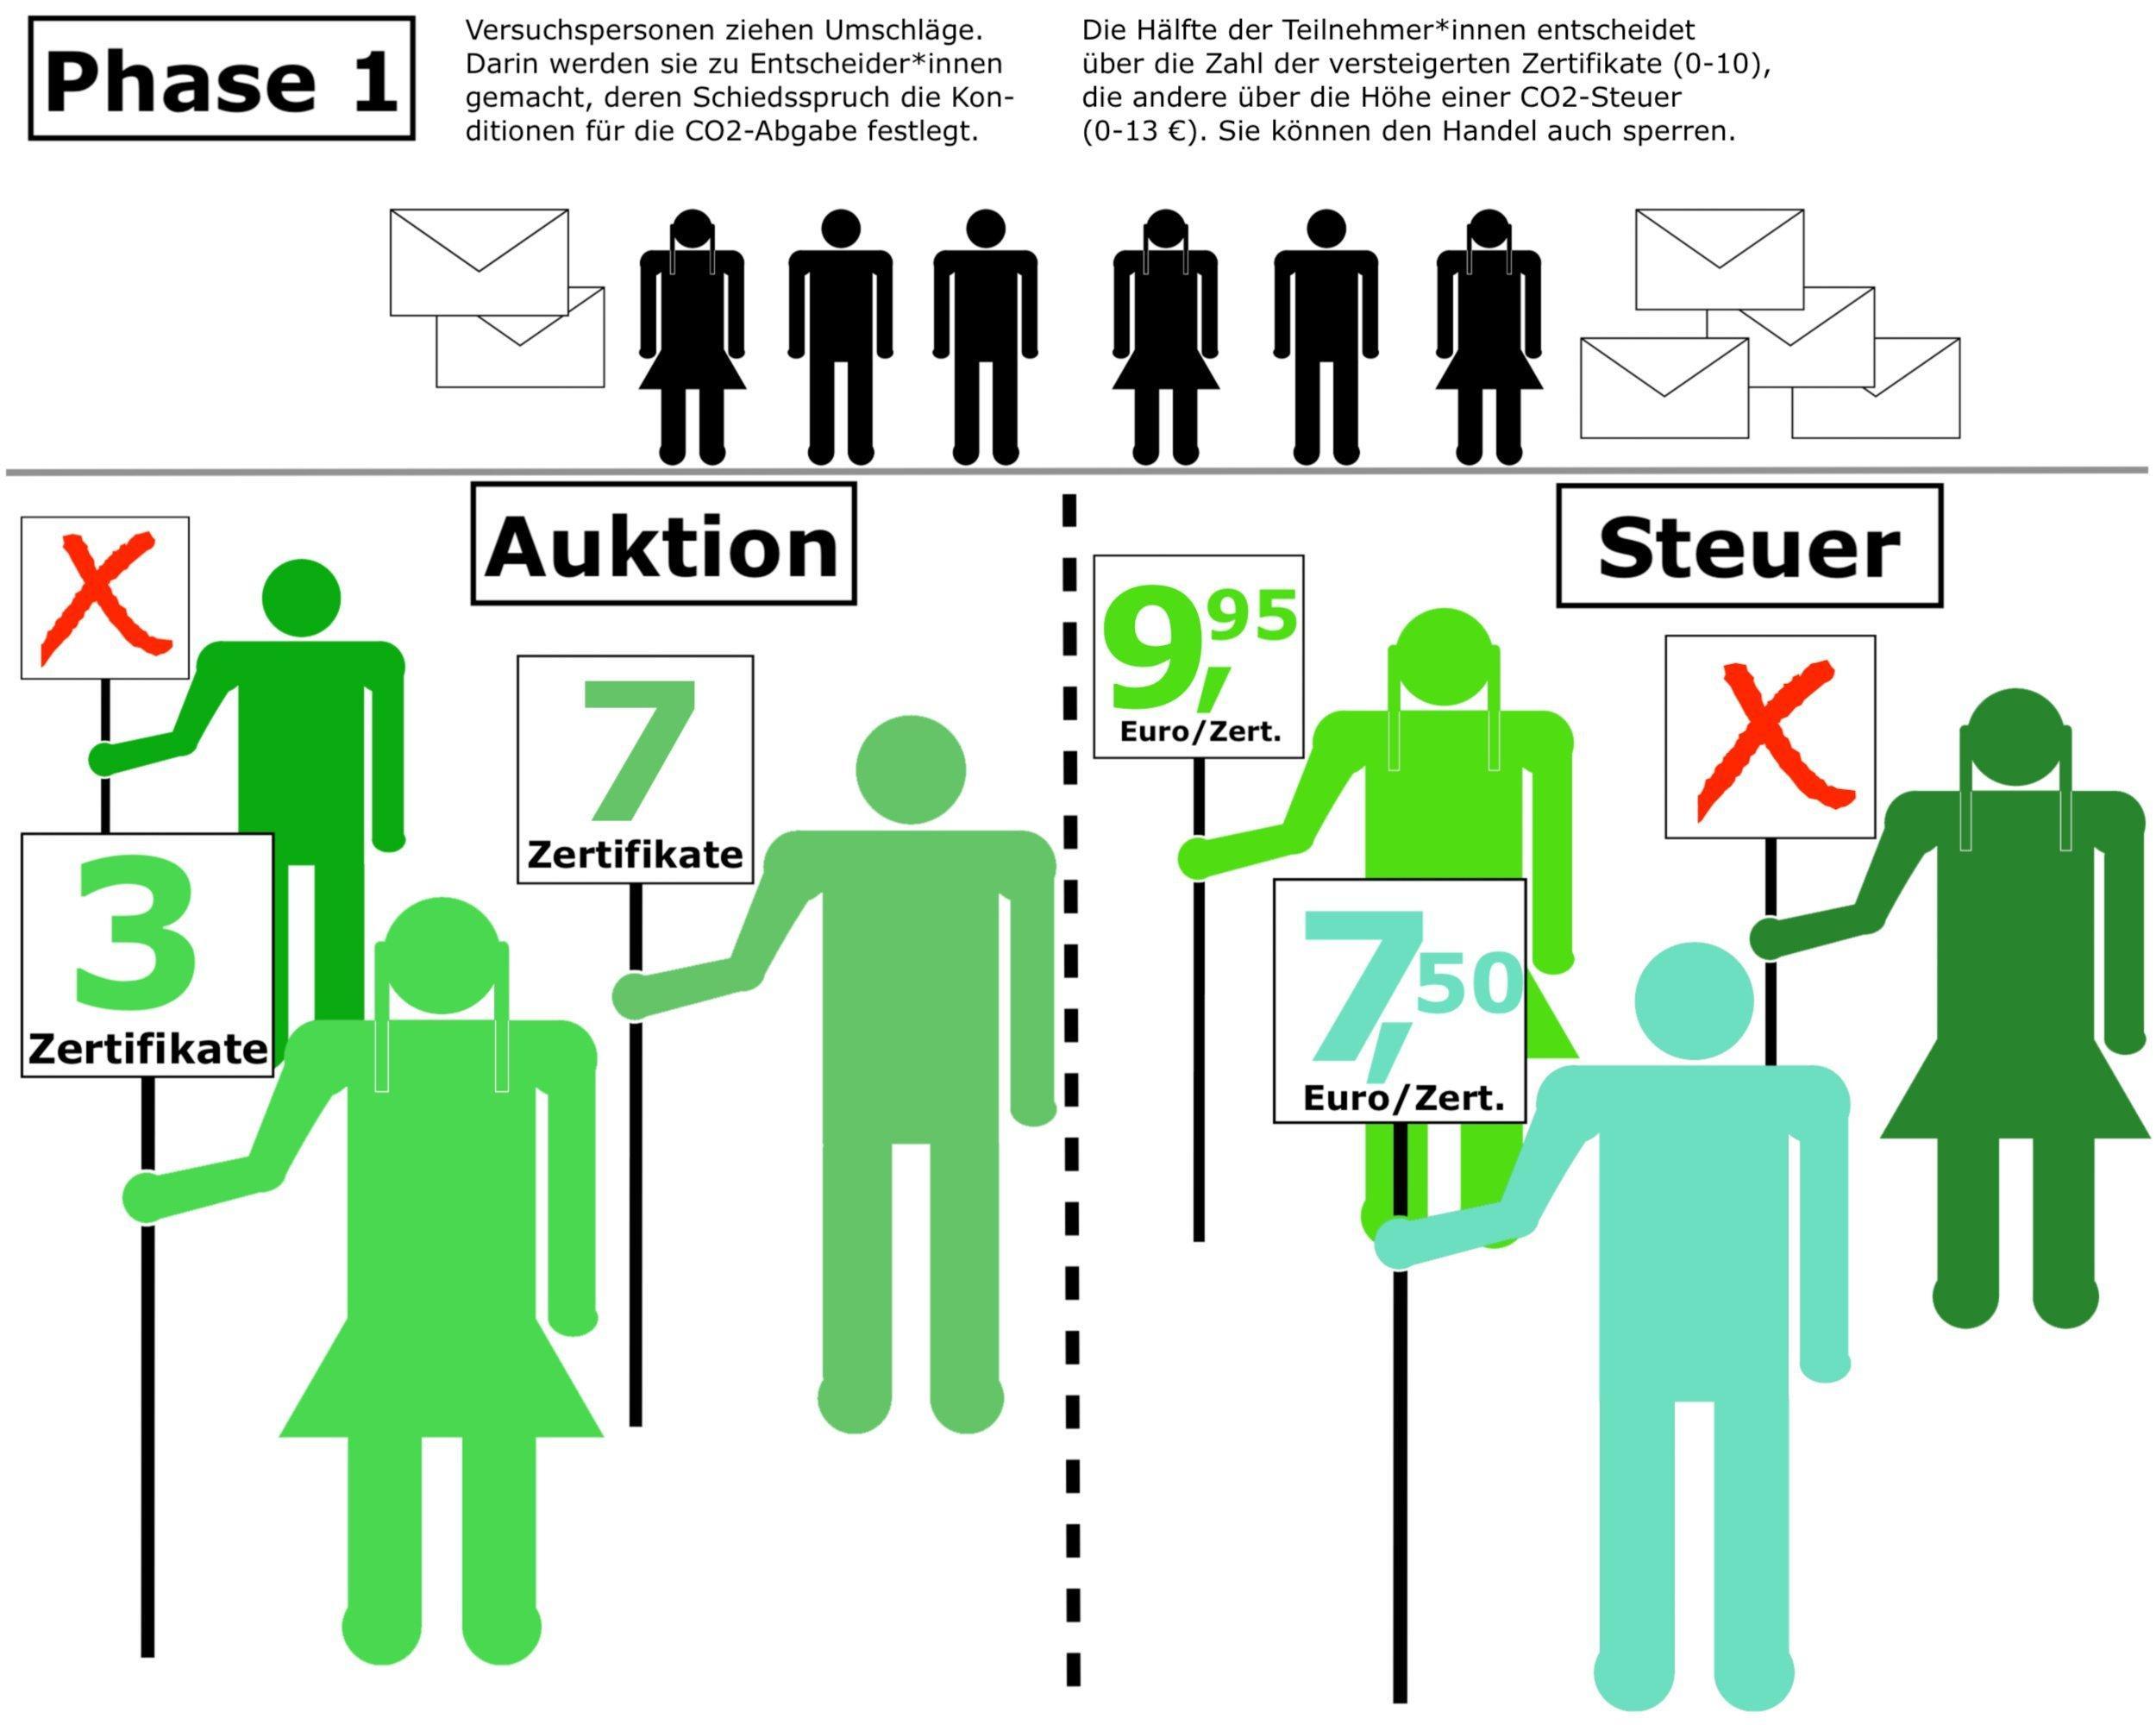 Grafik erklärt die Phase 1des geschilderten Experiments. Darin werden Versuchspersonen durch das Ziehen eines Umschlags zu Entscheider*innen, die die Konditionen einer CO2-Abgabe bestimmen. Entweder legen sie die Zahl der in einer Auktion zu versteigernden Zertifikate fest, oder den Preis dafür in einem Steuersystem. Auf der Grafik halten Piktogramme von Männern und Frauen in verschiedenen Grüntönen ihre Entscheidung auf einem Schild in die Höhe. Einige haben den Handel mit einem roten X komplett unterbunden.